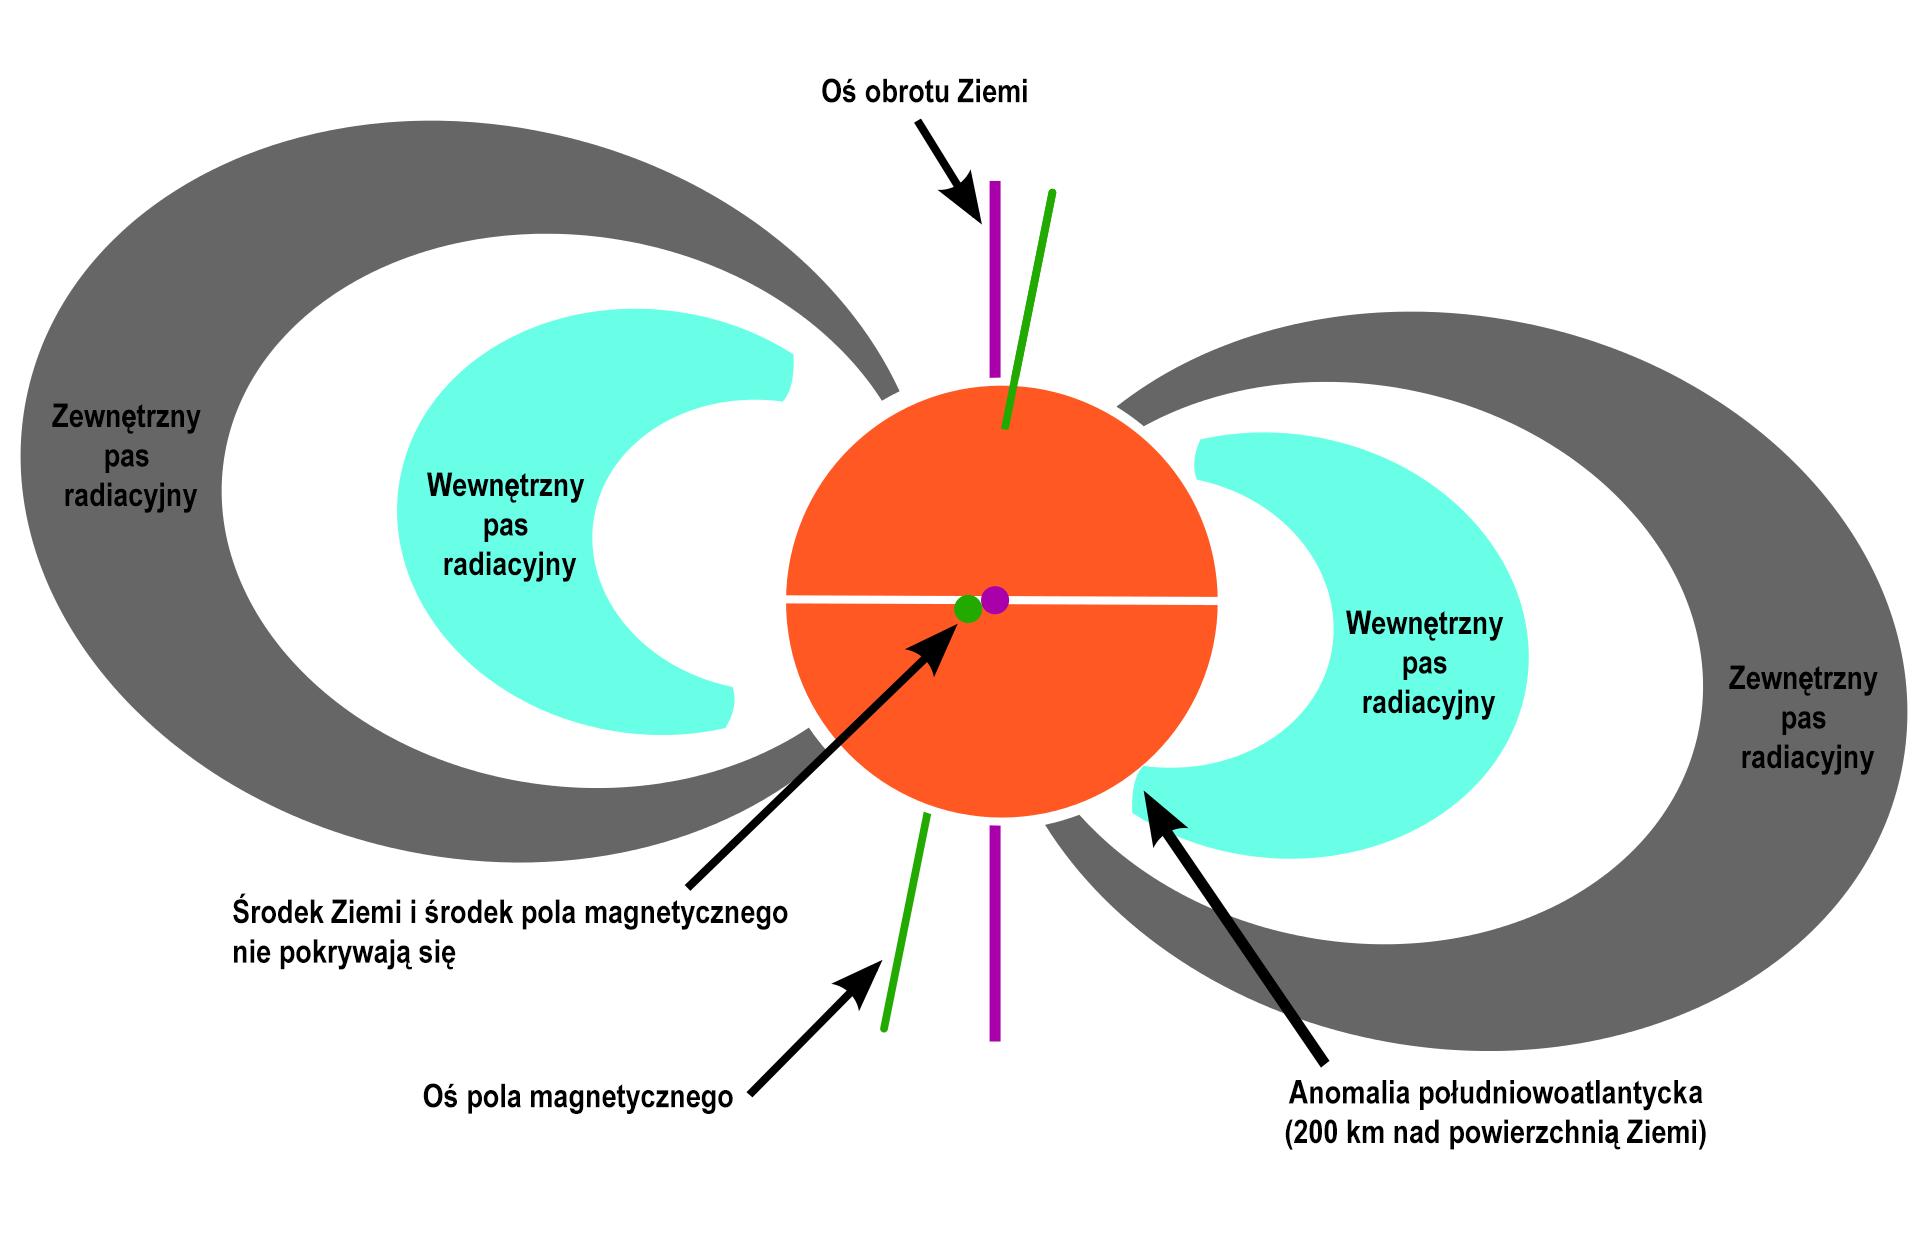 """Schemat rozmieszczenia pasów radiacyjnych wokół Ziemi. Zauważ, że środek pola magnetycznego nie pokrywa się ze środkiem Ziemi. W efekcie w pewnym miejscu wewnętrzny pas radiacyjny """"schodzi"""" bliżej powierzchni planety. To właśnie obszar anomalii południowoazjatyckiej. Rys. Wikipedia (zaadaptowany)"""